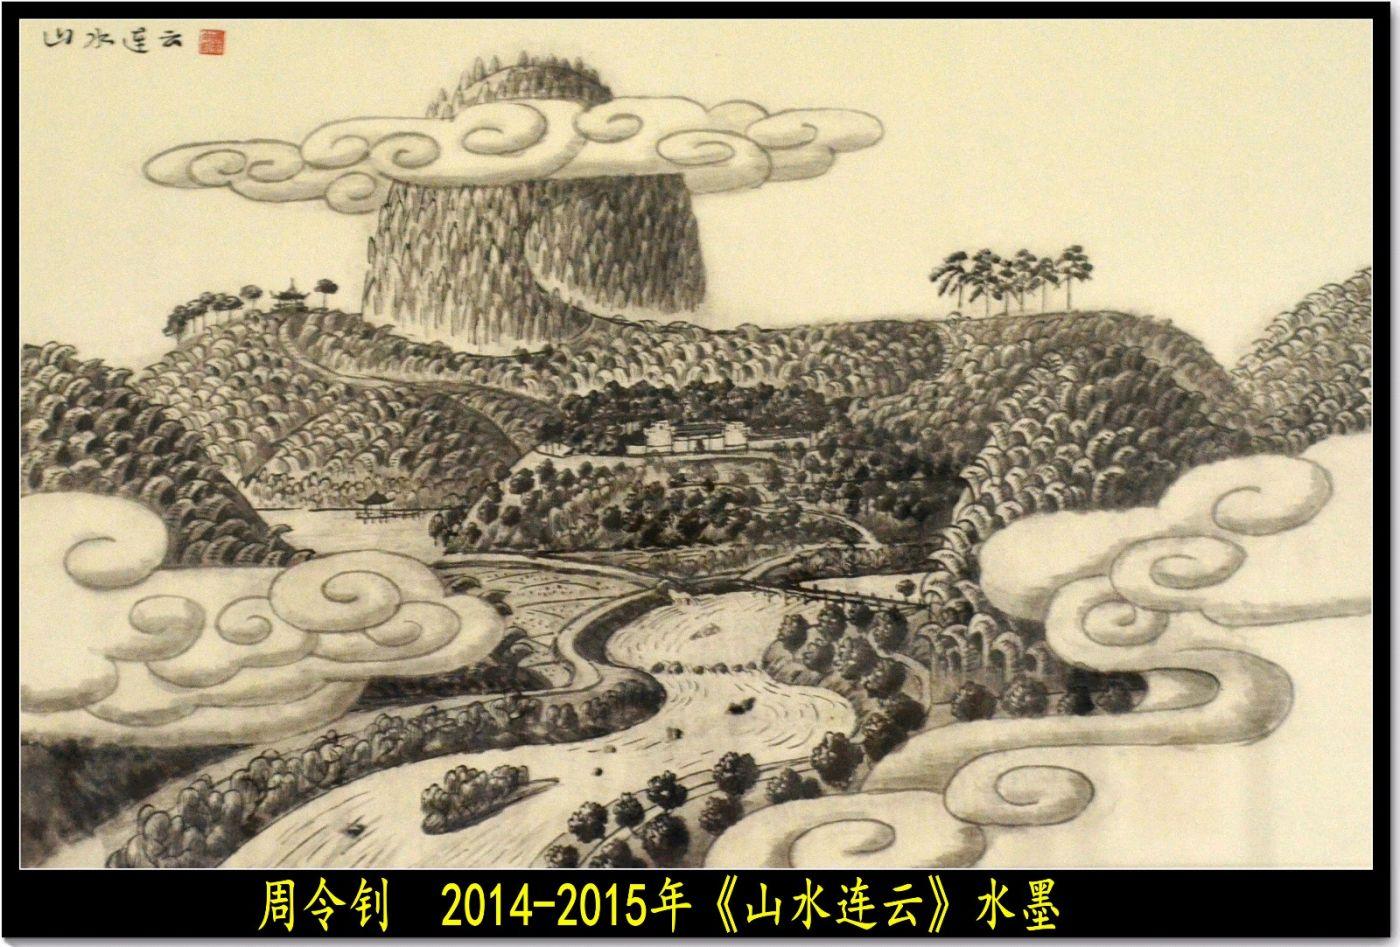 参观周令钊美术馆(七律)_图1-7